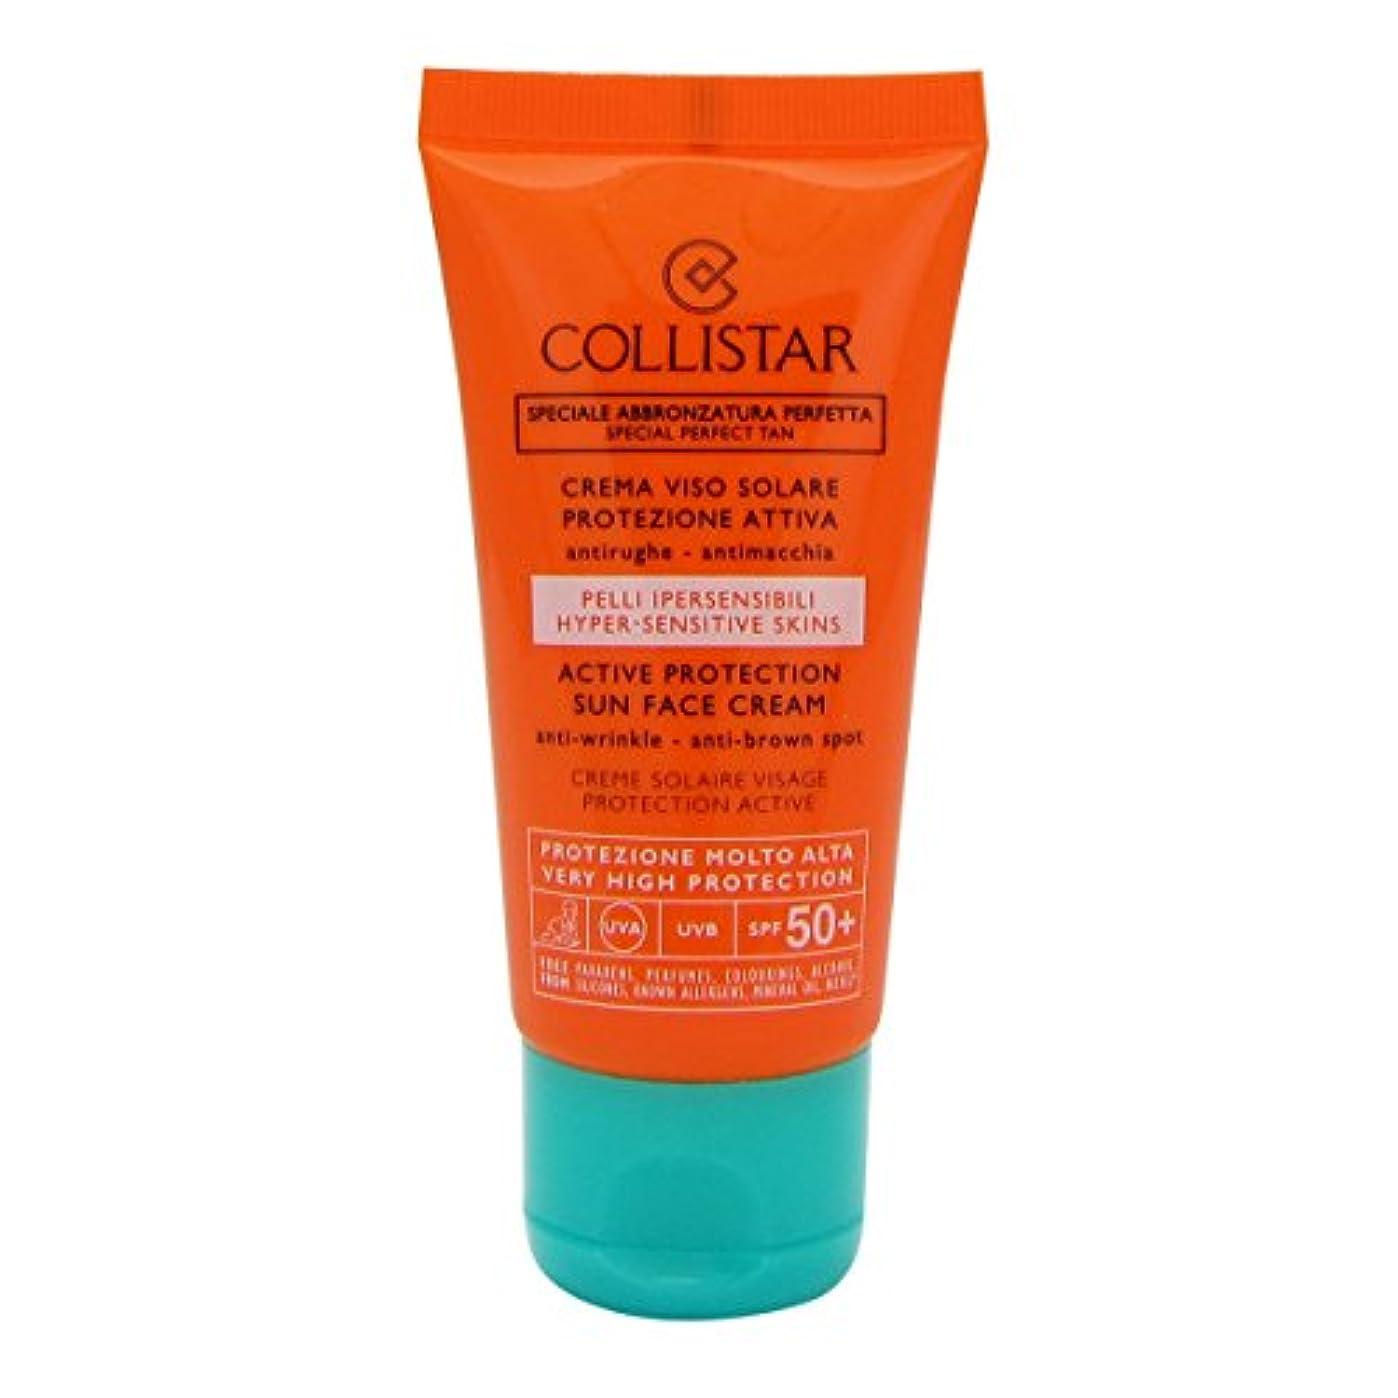 相談する自動真夜中Collistar Special Perfect Tan Active Protection Sun Face Cream Spf50+ 50ml [並行輸入品]